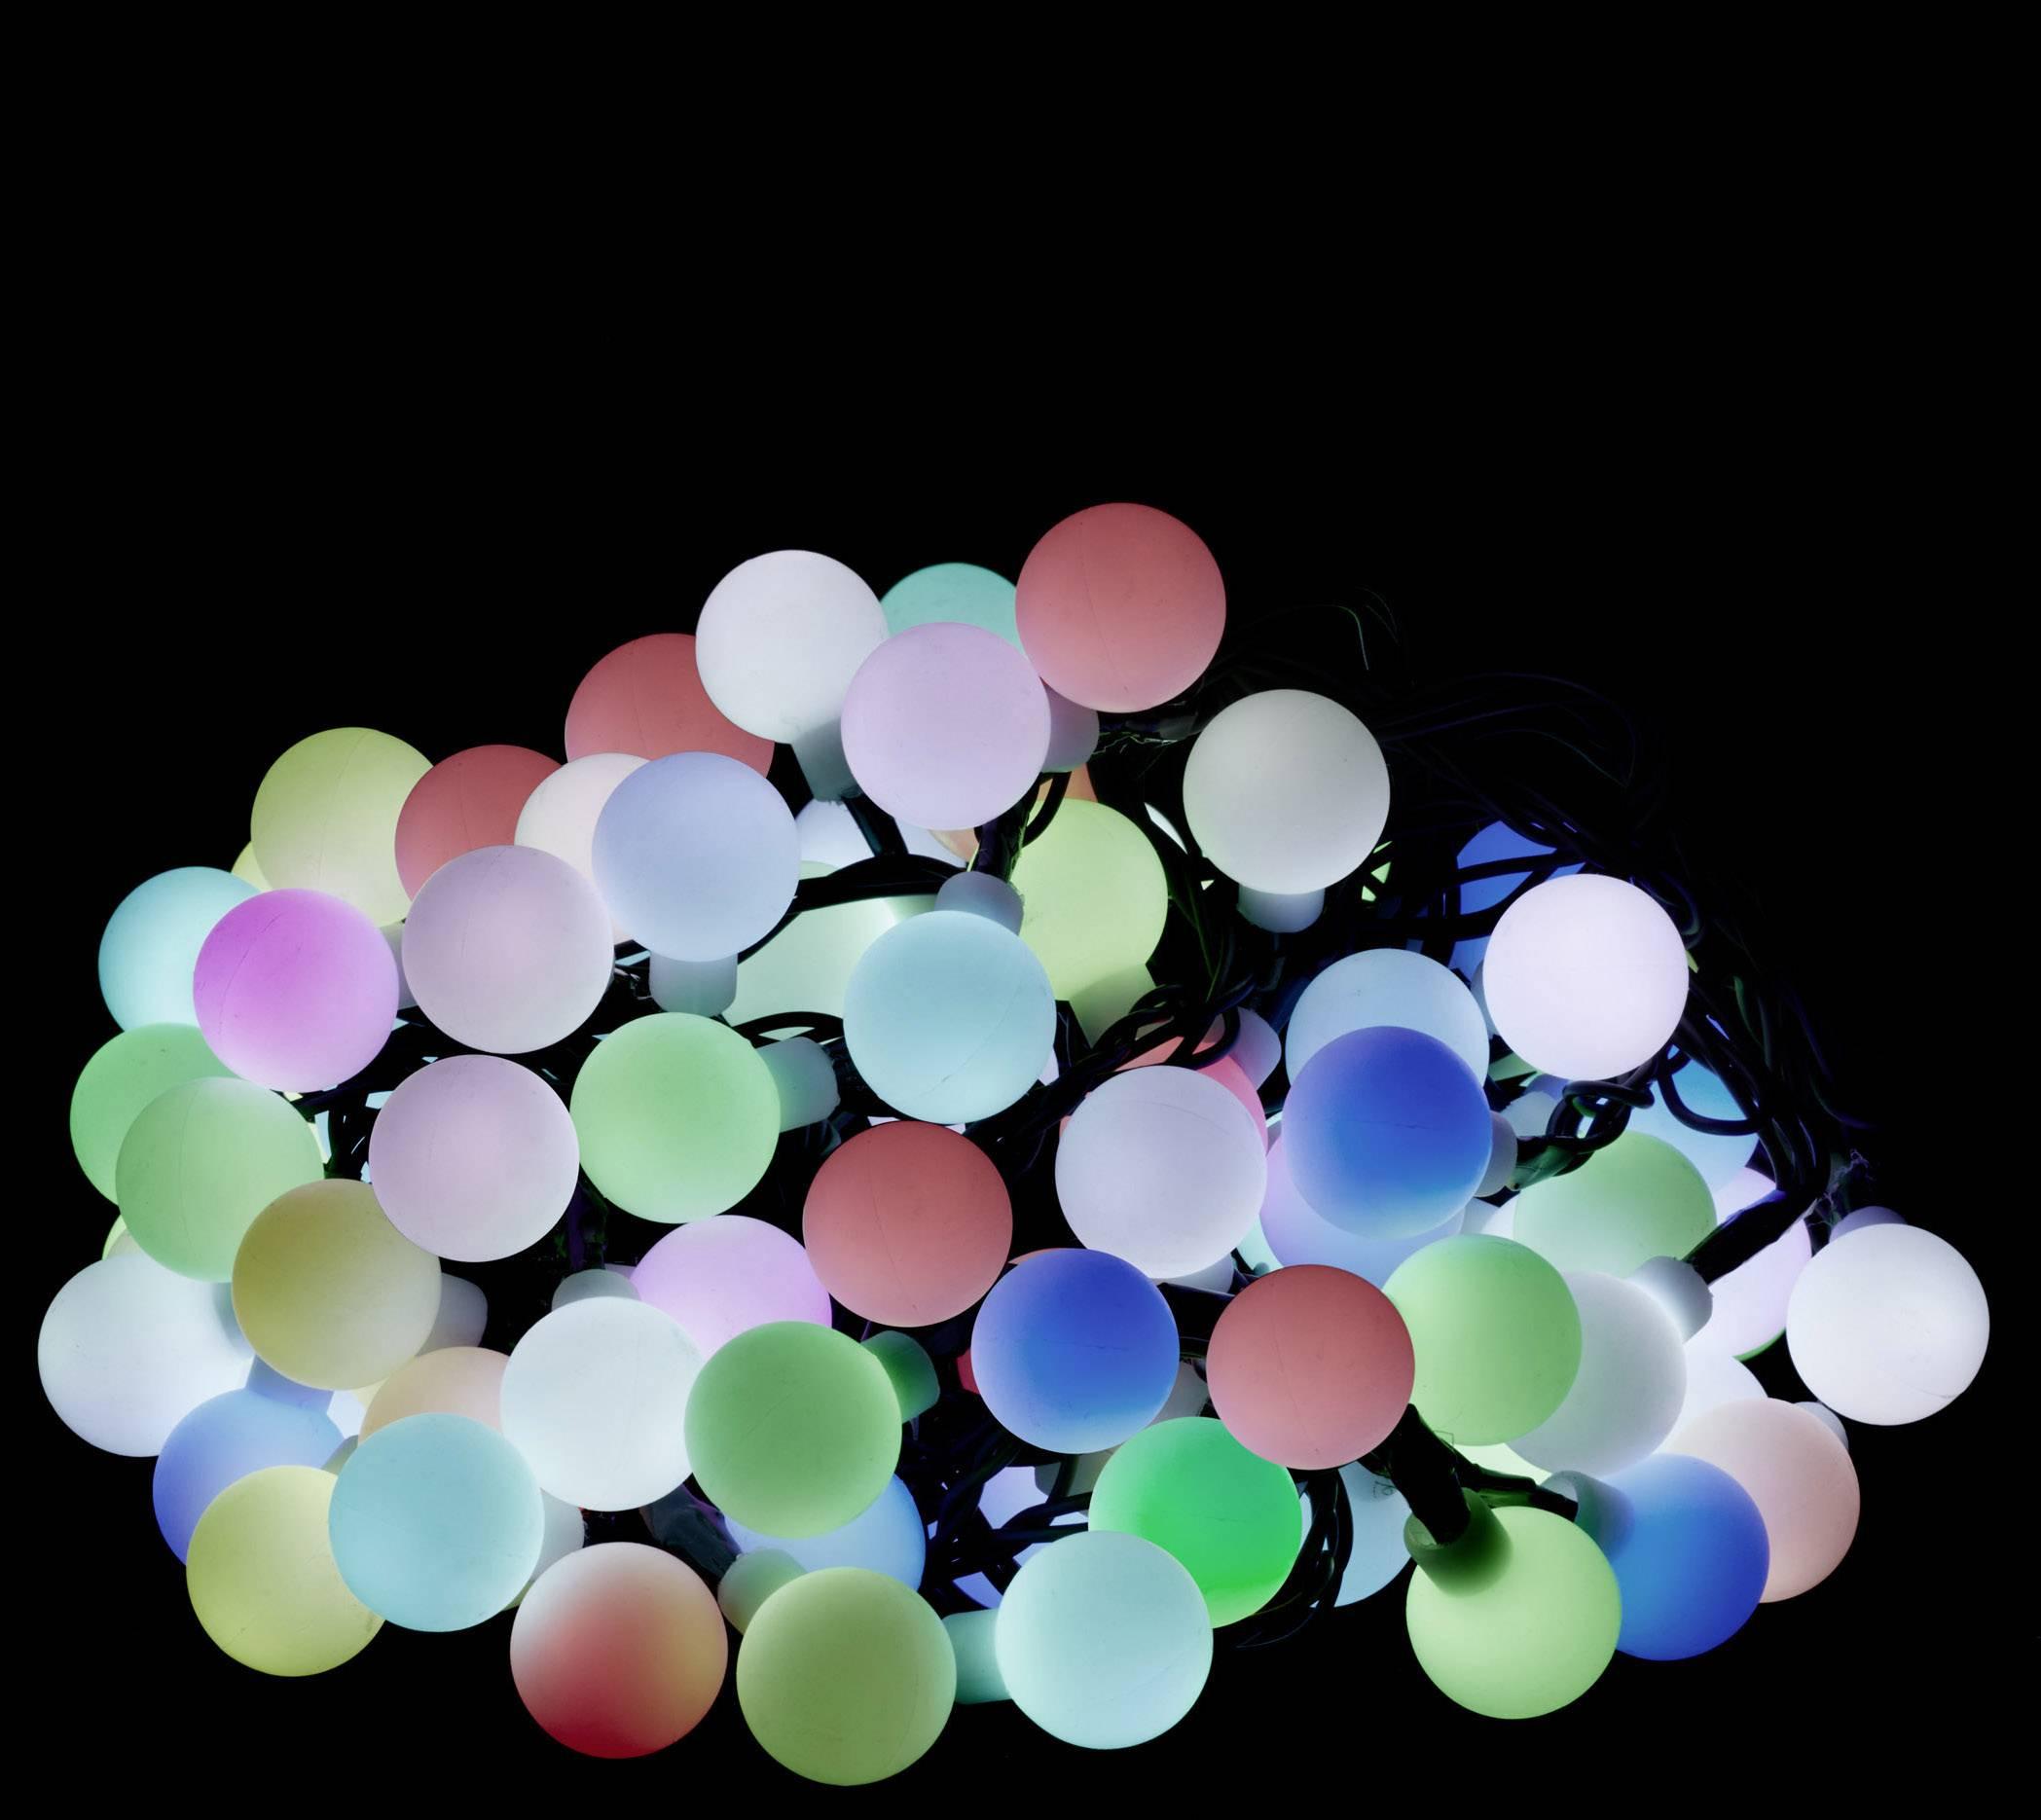 RGB LED světelný řetěz s motivem, vánoční koule Polarlite PL-8393850;PLKL-100RGBM, vnitřní/venkovní, 230 V, LED 100, RGB, 10 m